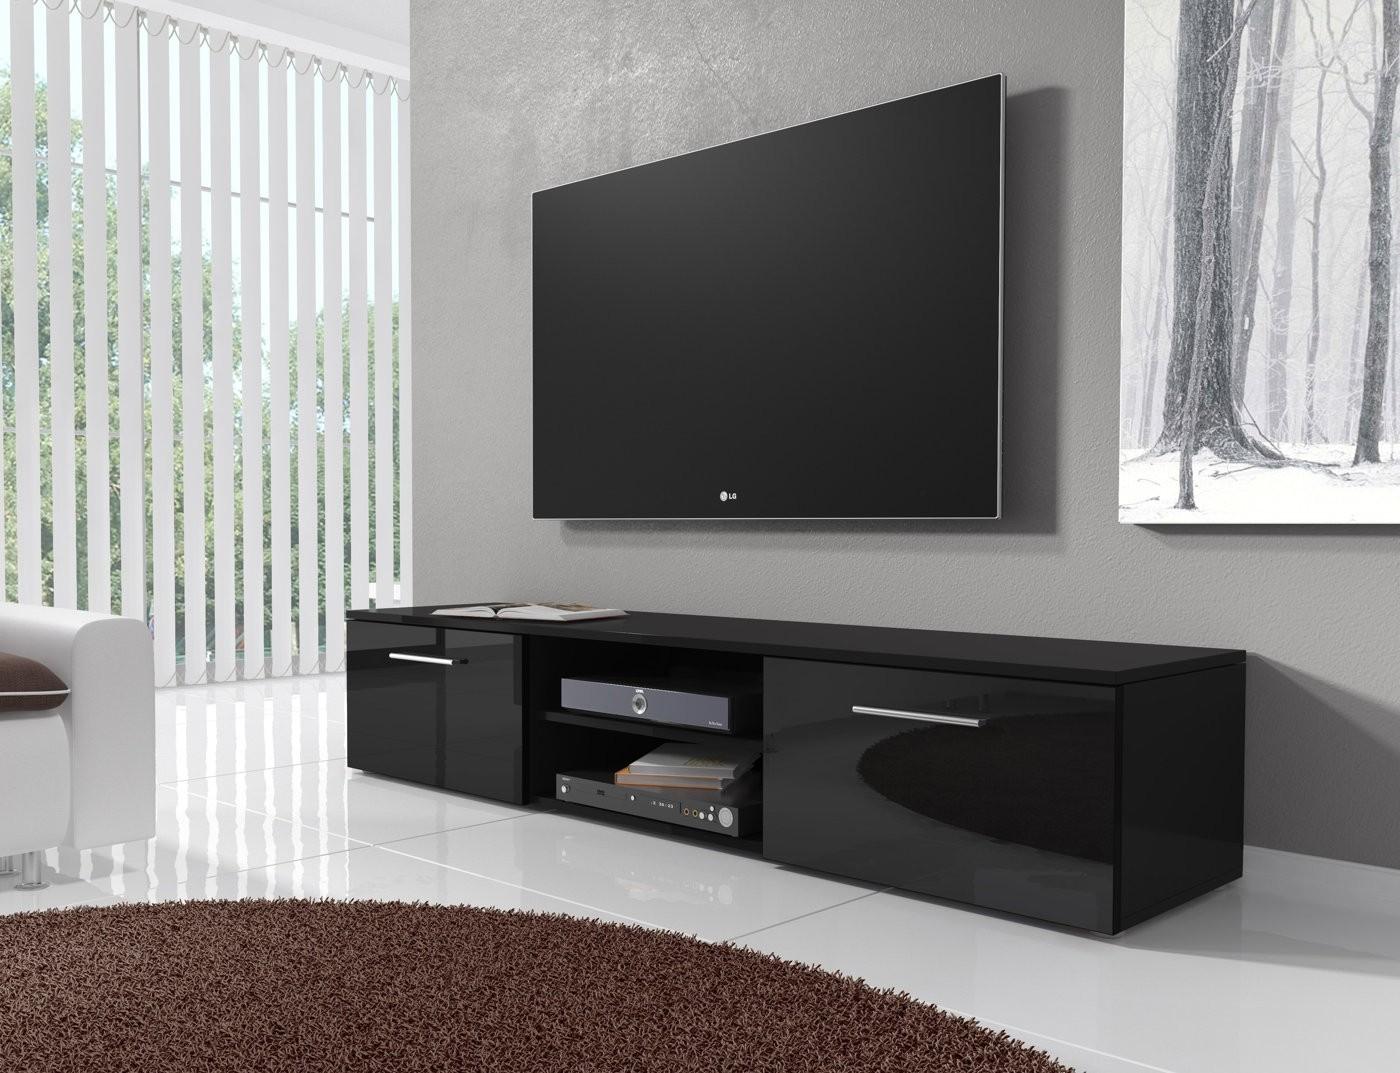 tv meubel basura i zwart 160 cm tv meubels kasten. Black Bedroom Furniture Sets. Home Design Ideas